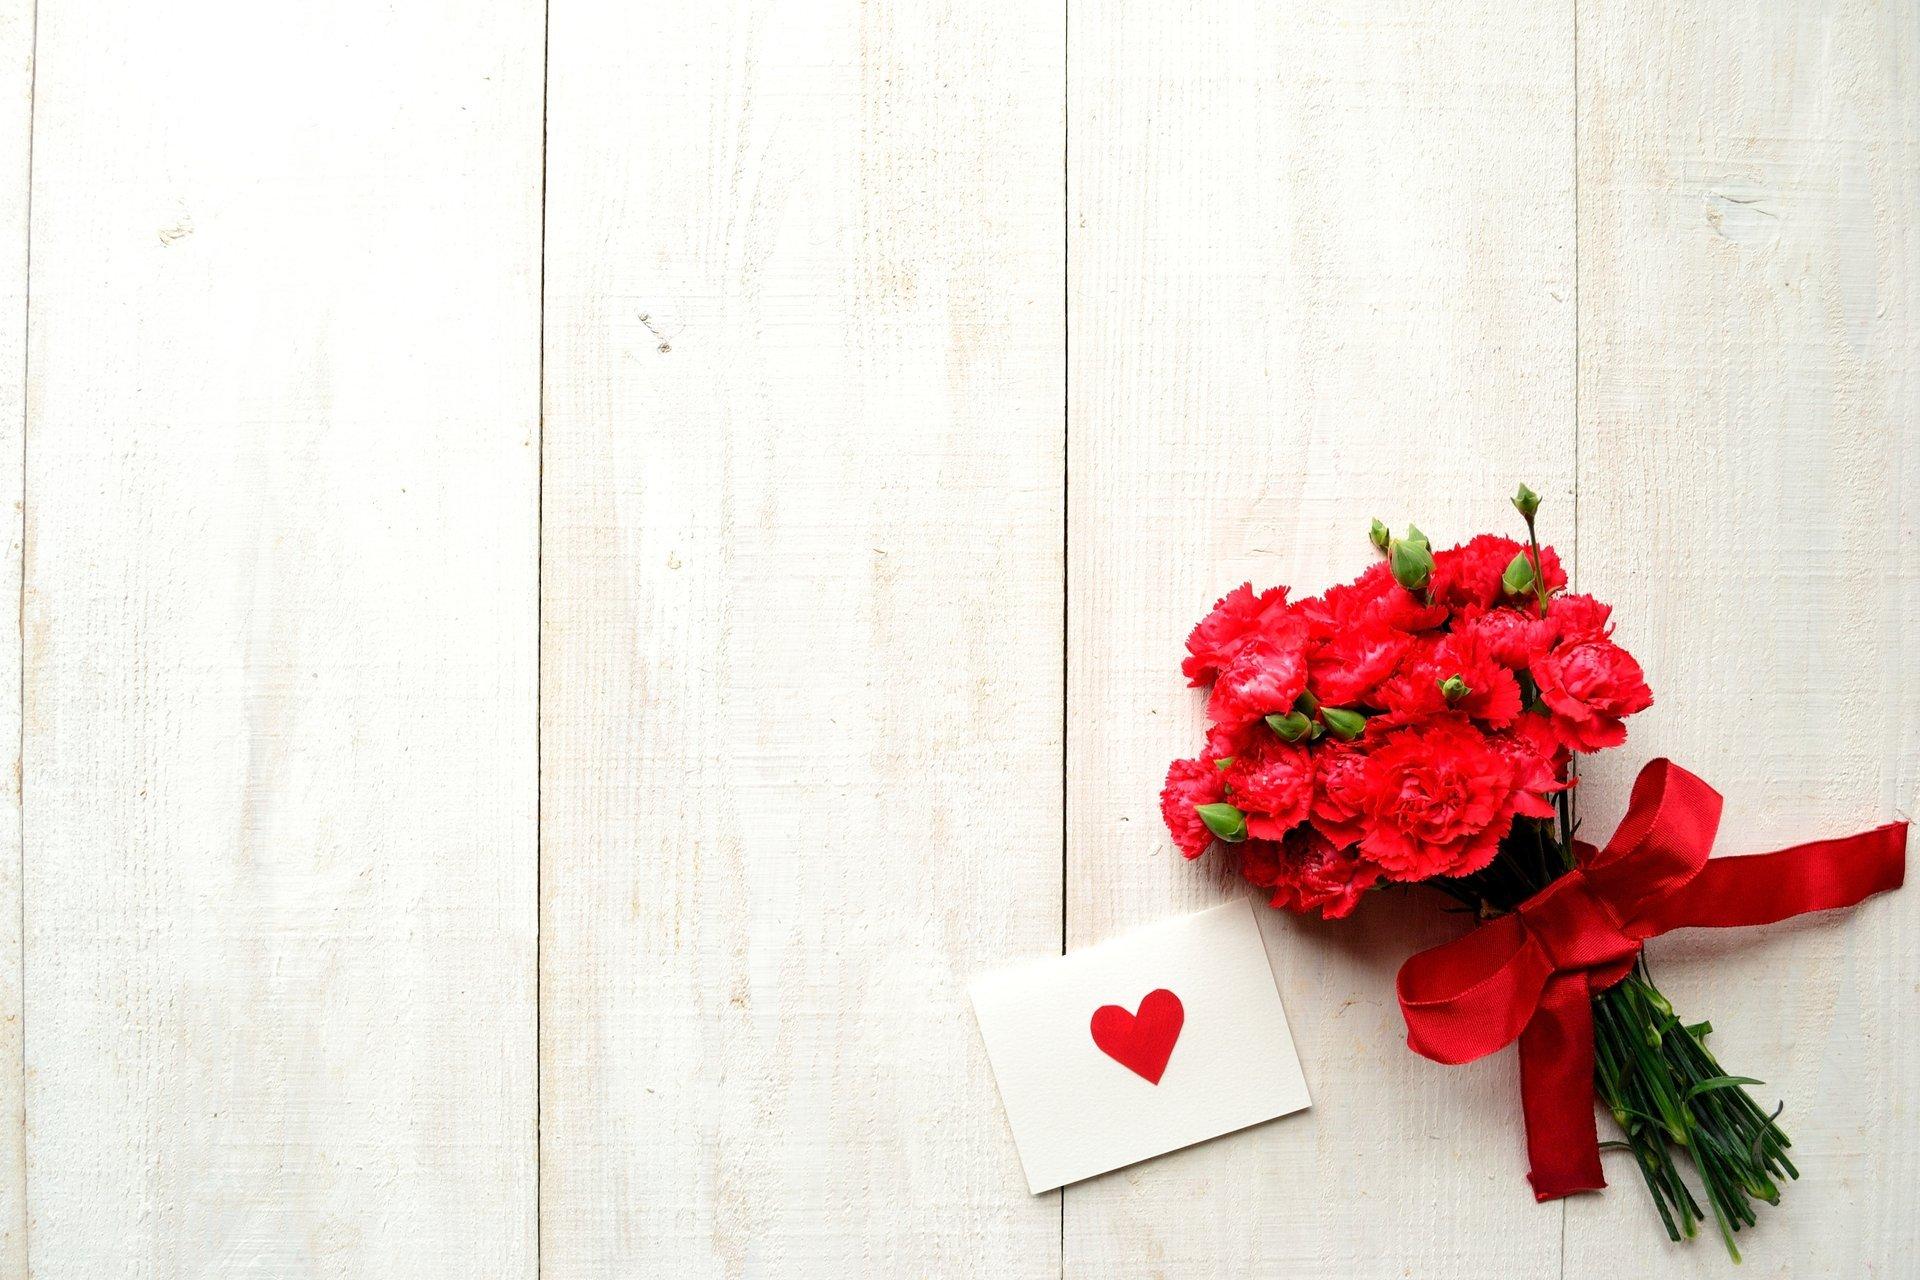 цветы тетрадь листы сердце  № 1351023 без смс